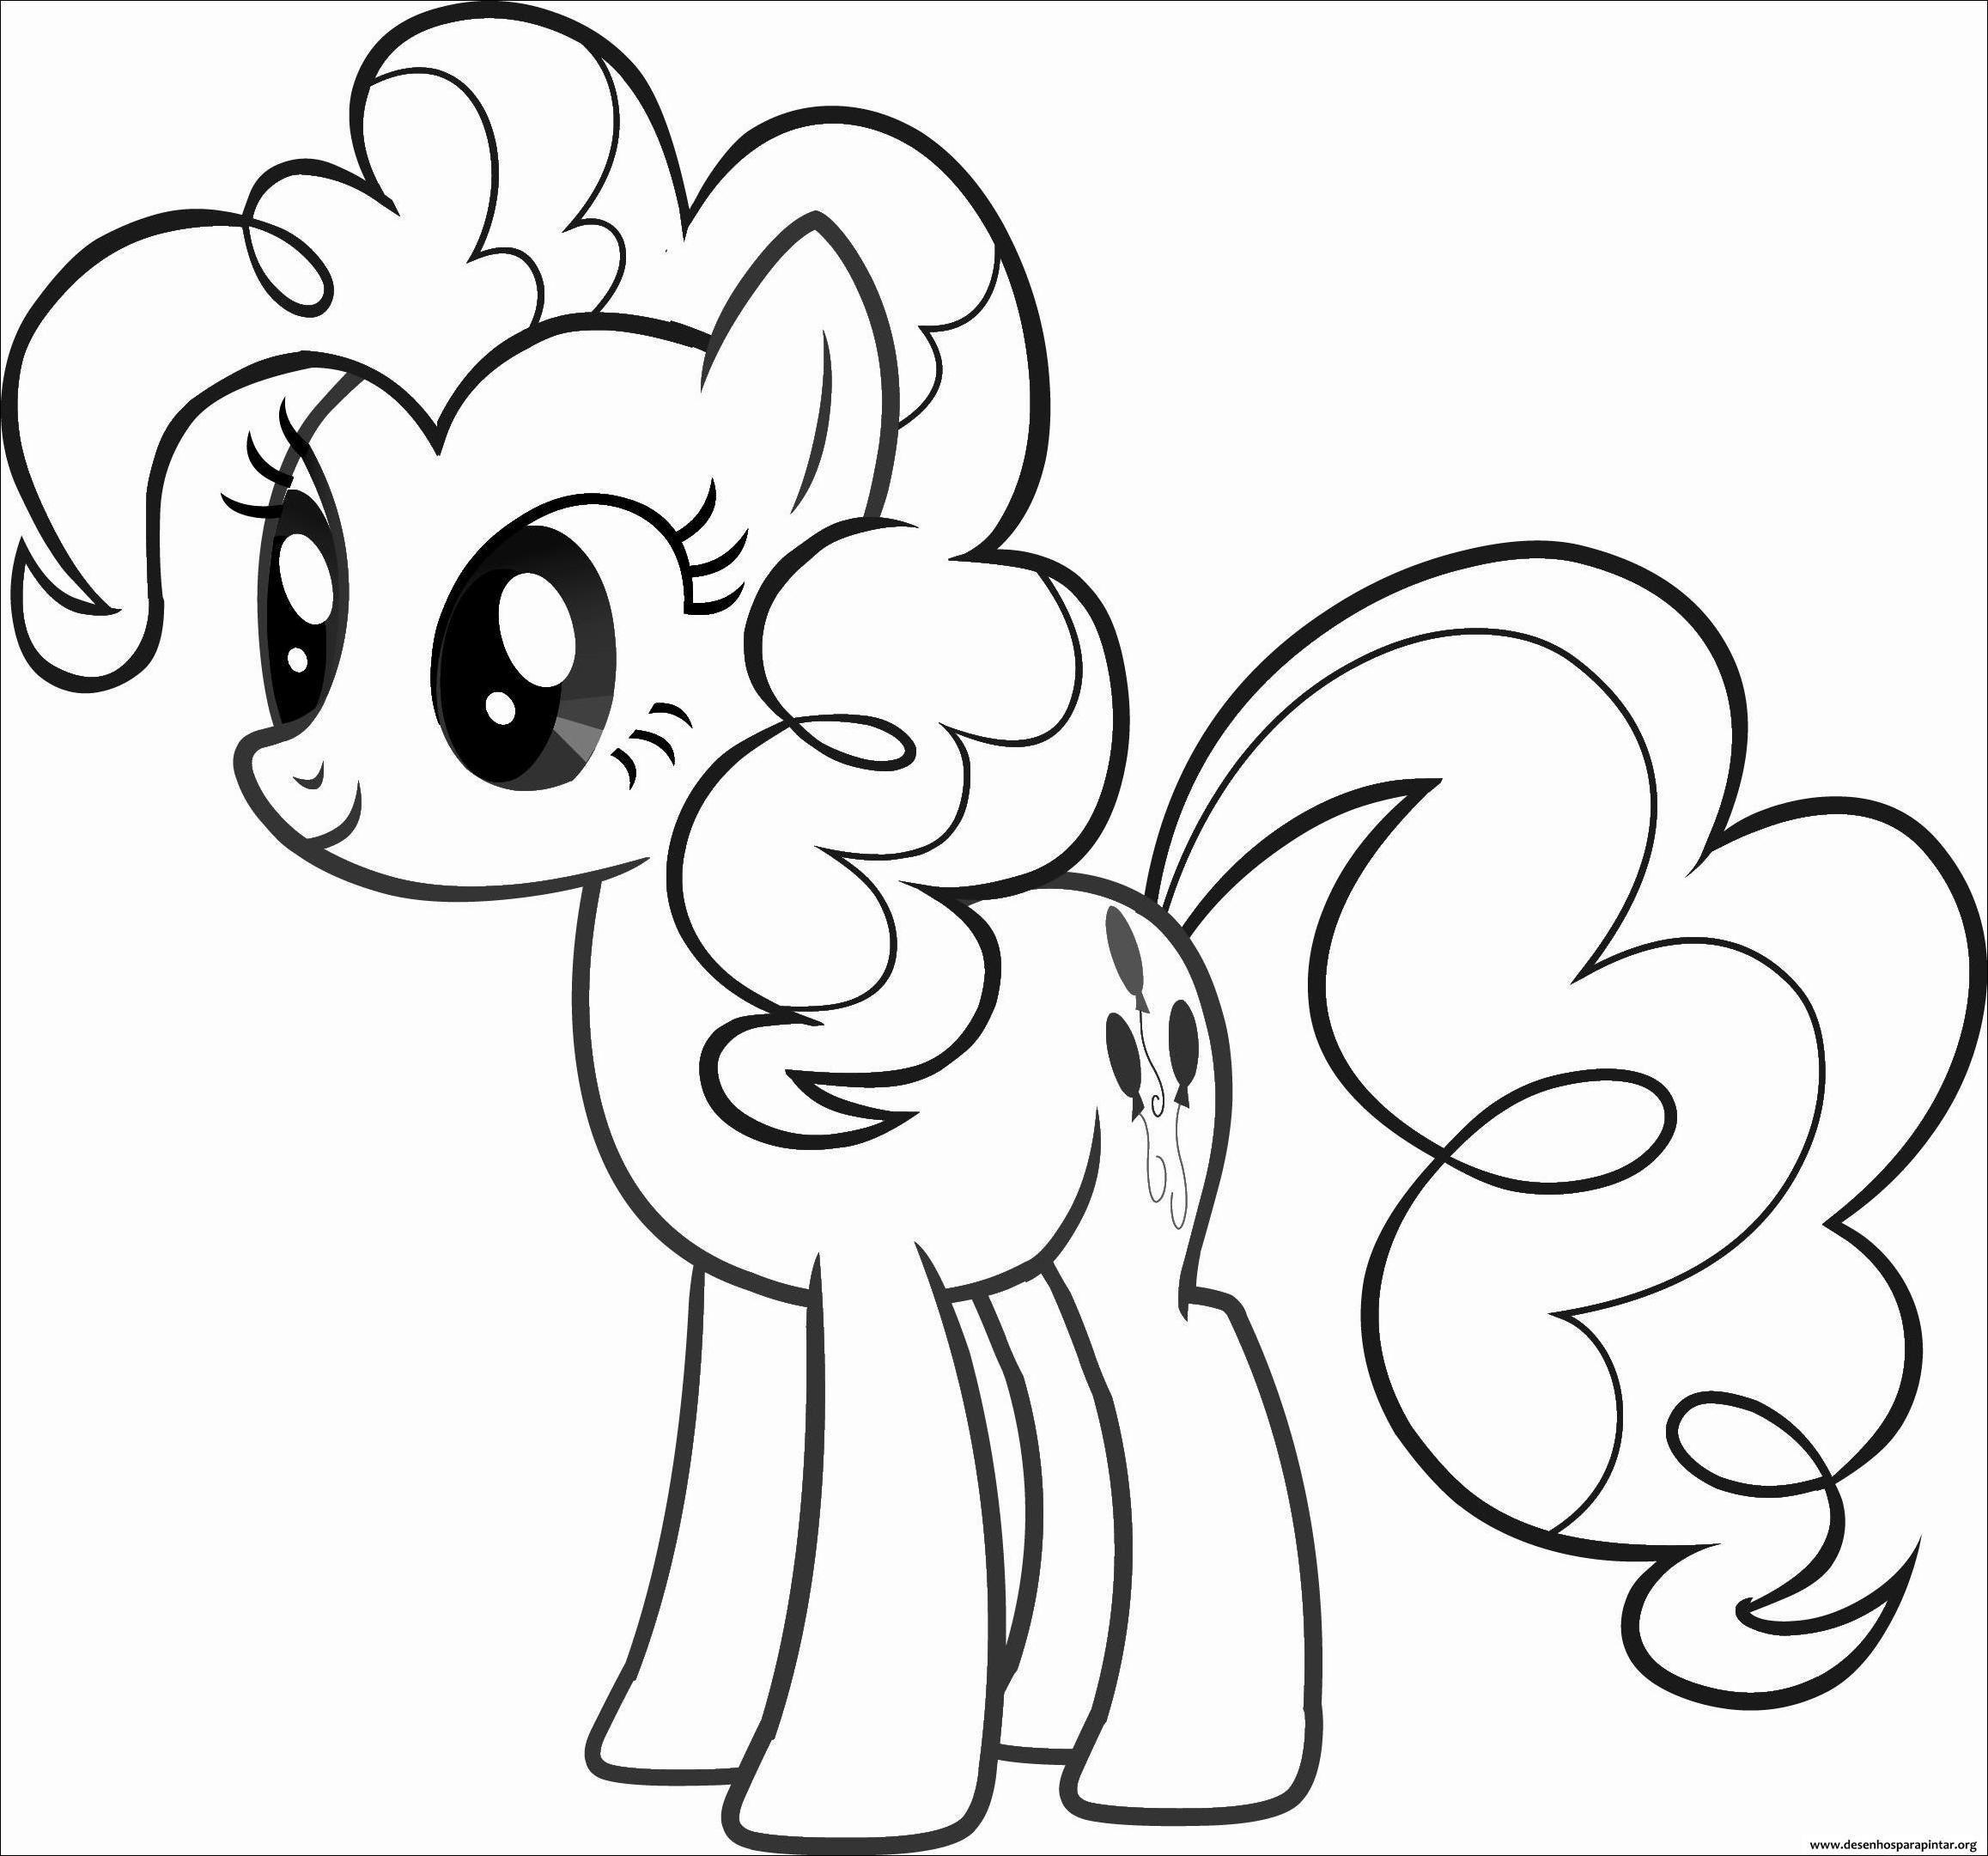 My Little Pony Prinzessin Cadance Ausmalbilder : Imagens De Desenhos Para Pintar E Imprimir Avar Guia Avar